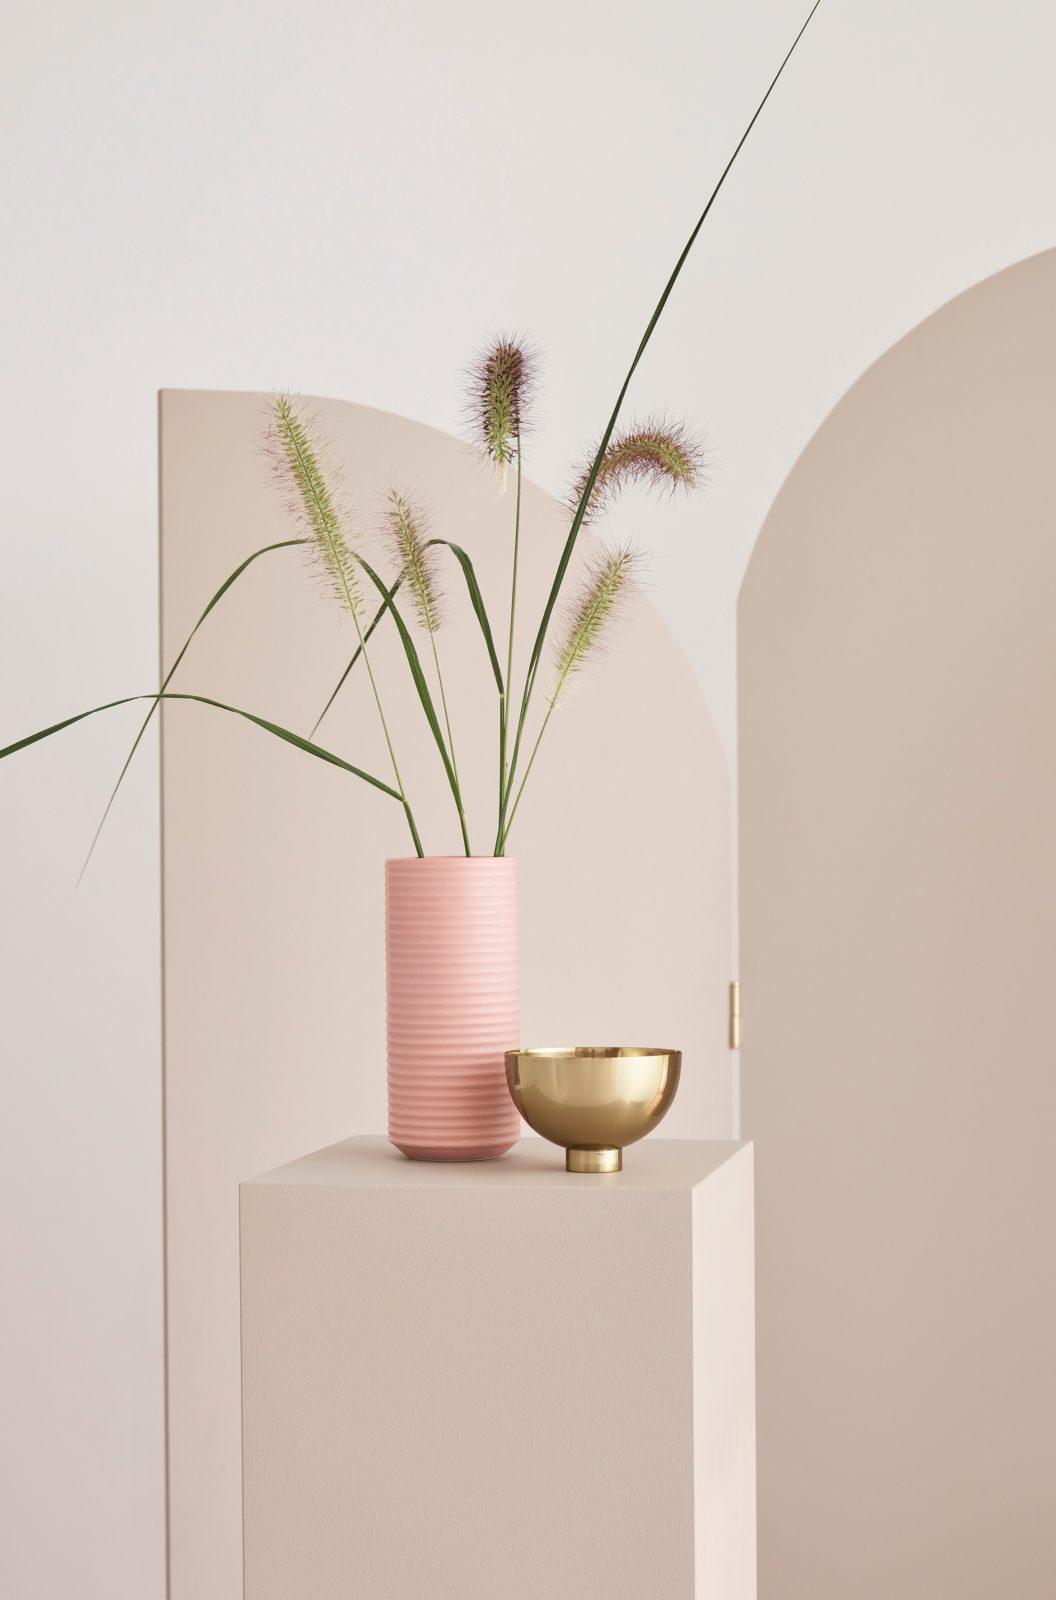 zartes puderrosa art d co und strukturmix h m home l utet diesen winter die moderne ein. Black Bedroom Furniture Sets. Home Design Ideas